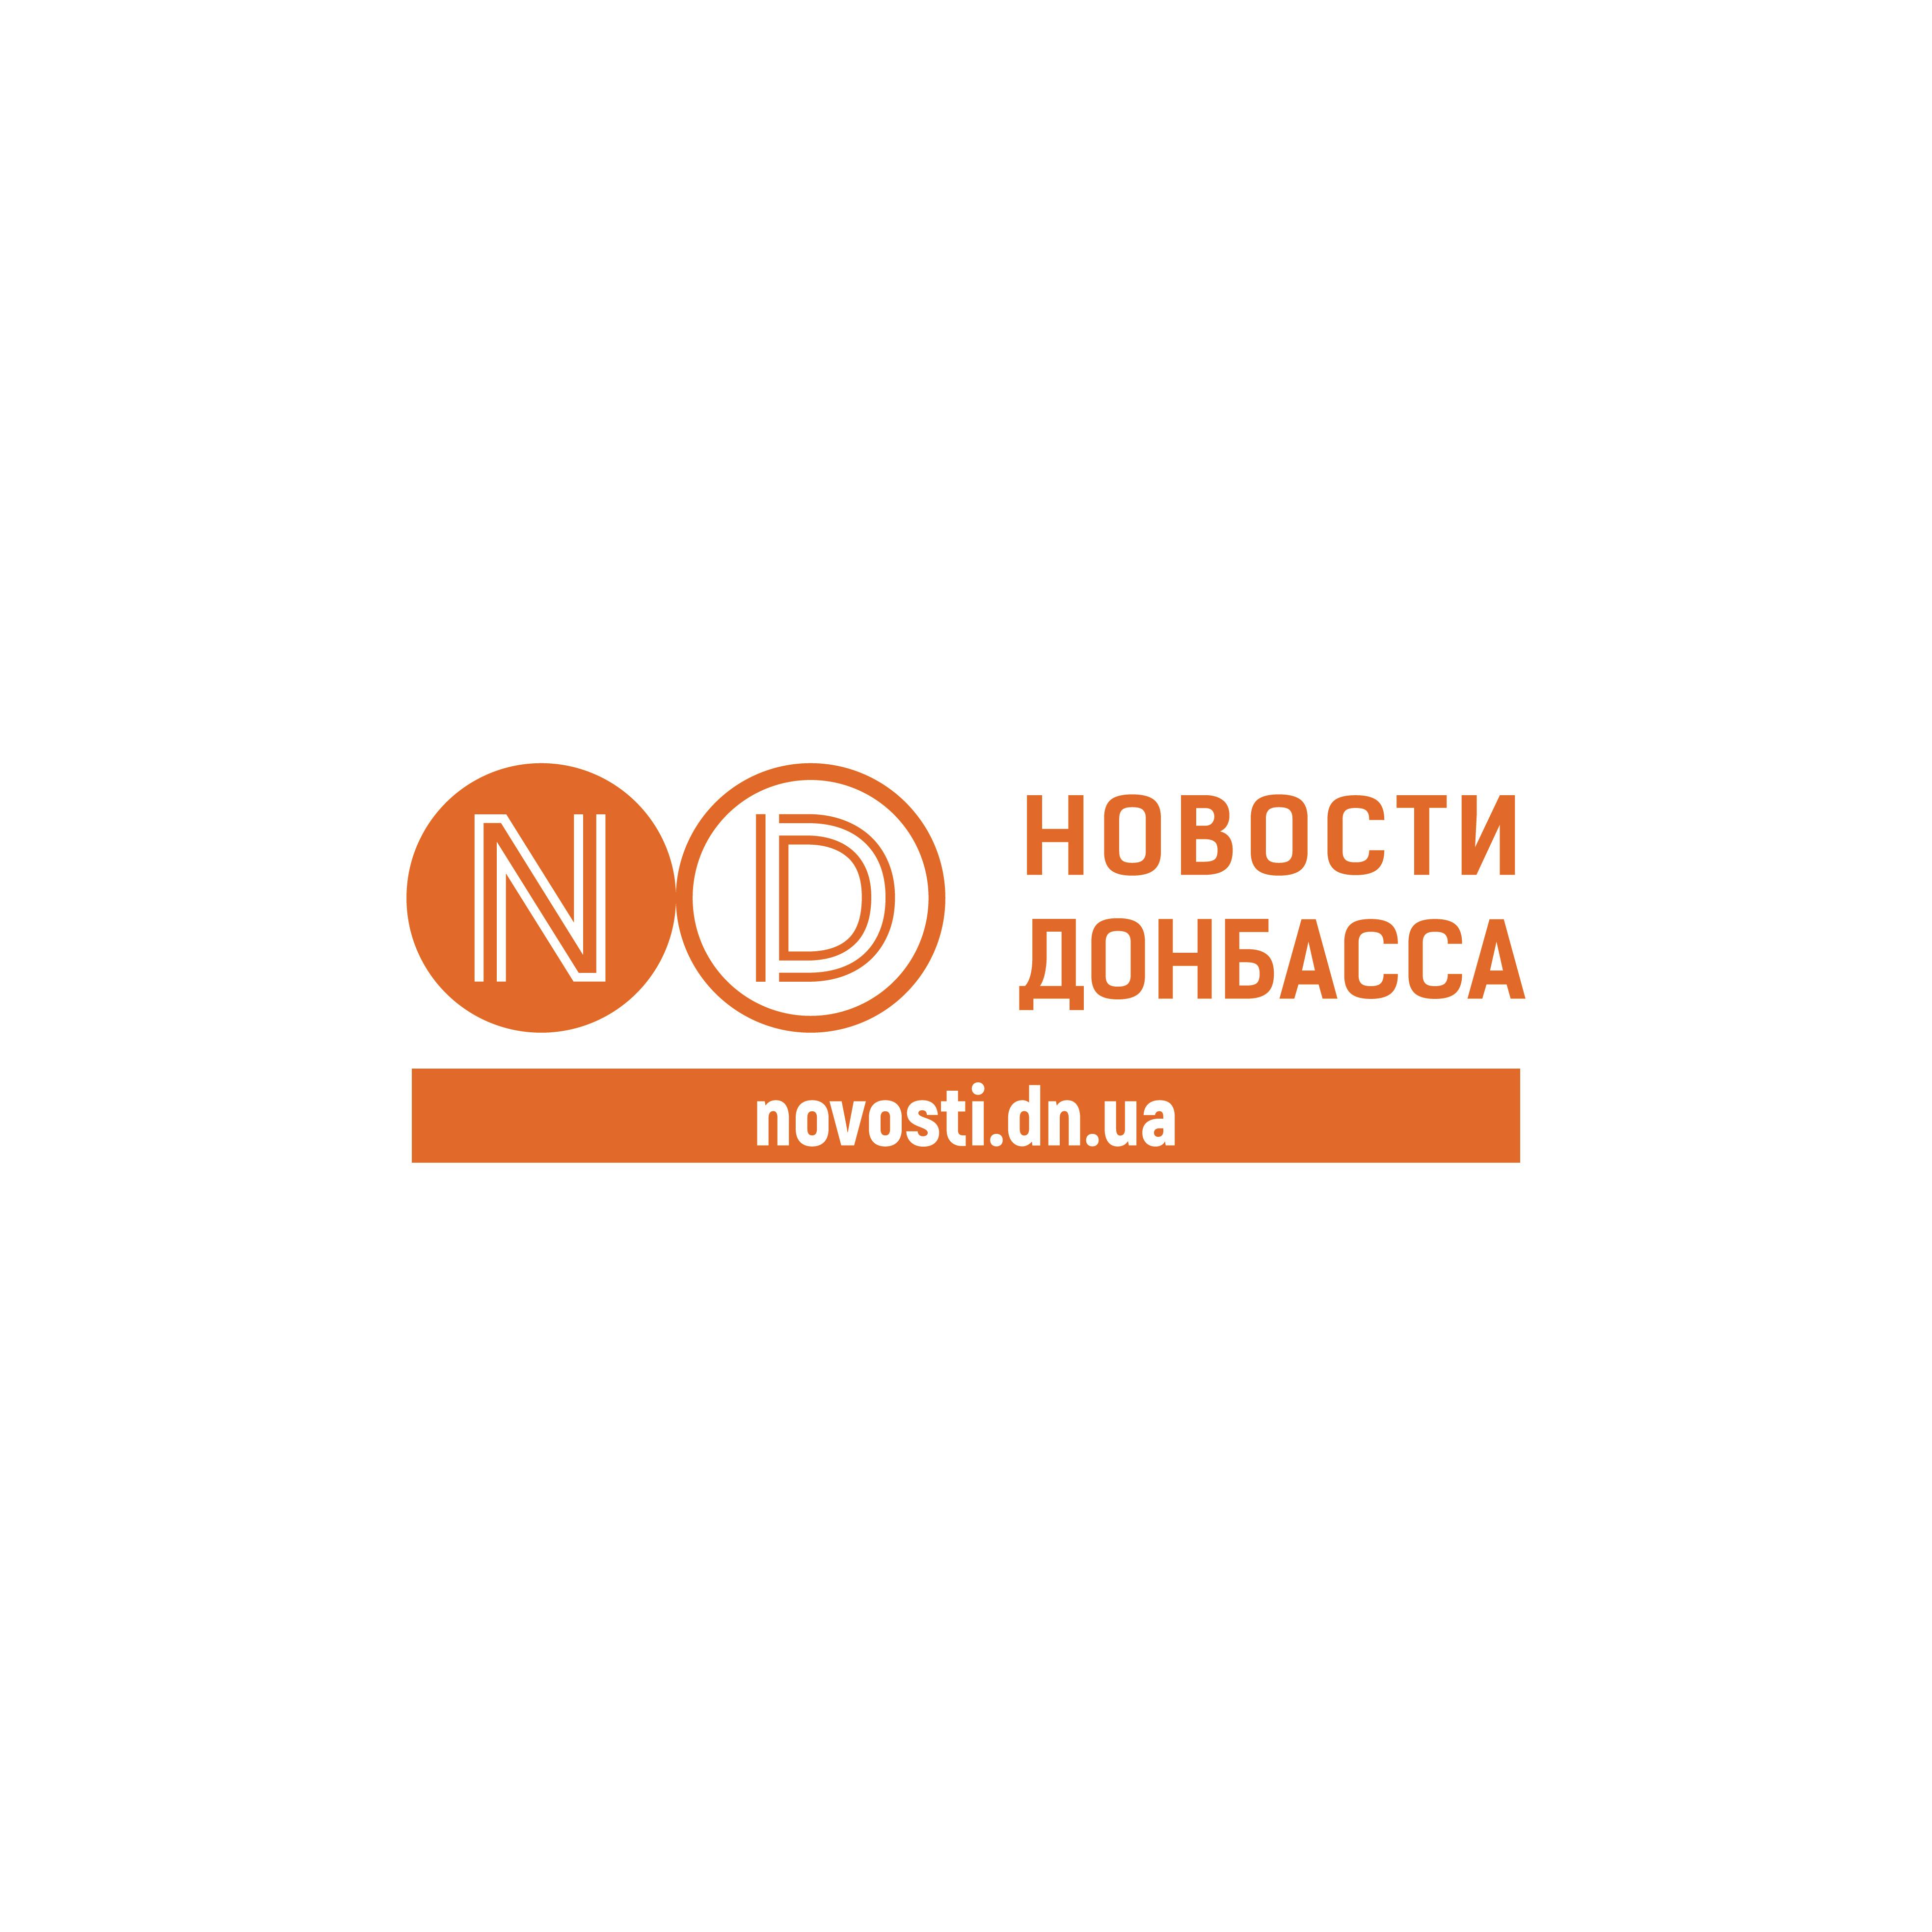 Фото Разработка логотипа для новостного канала